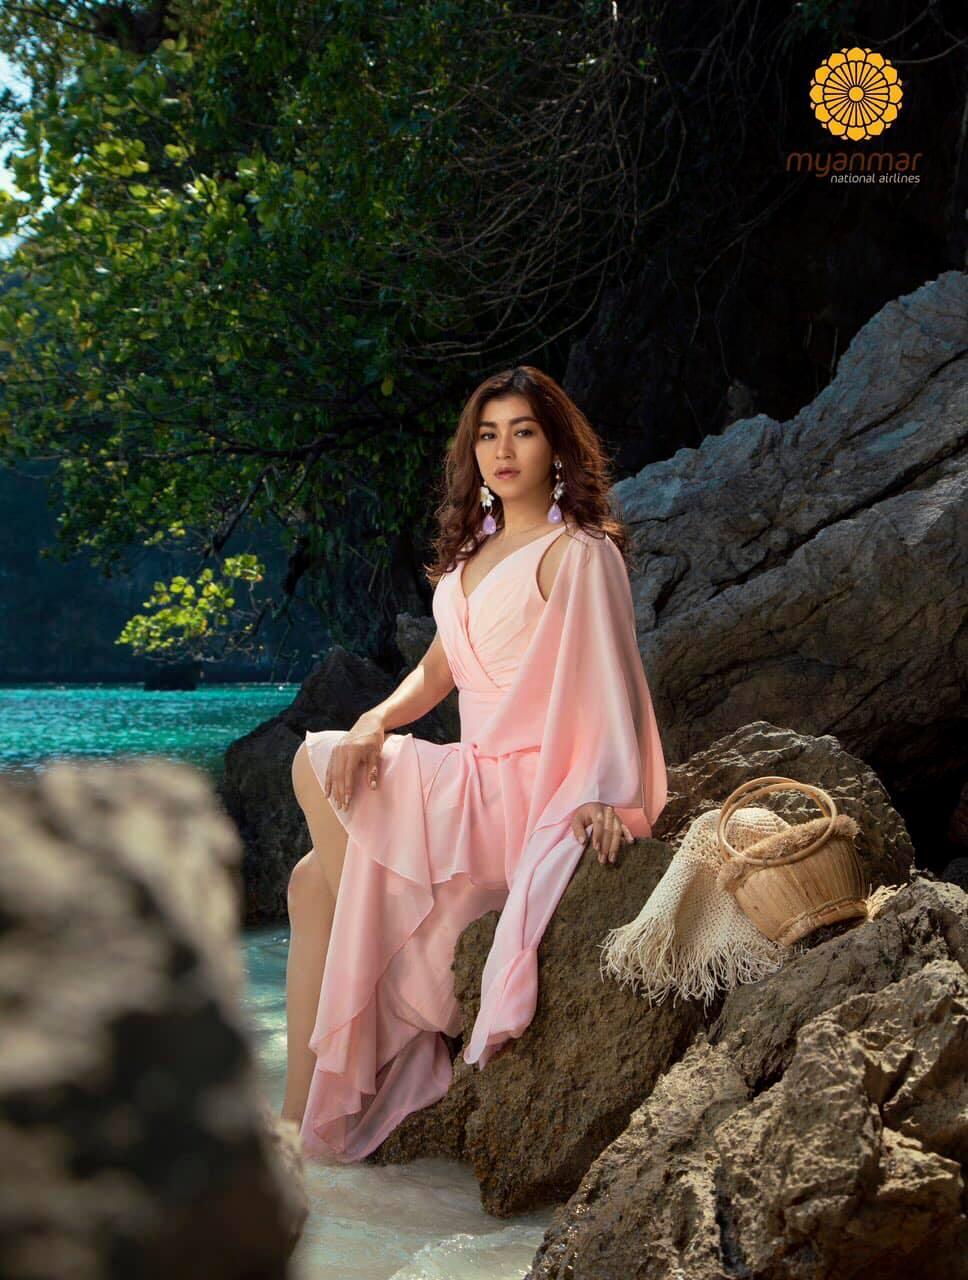 Eaindra Kyaw Zin : MNA Inflight Magazine